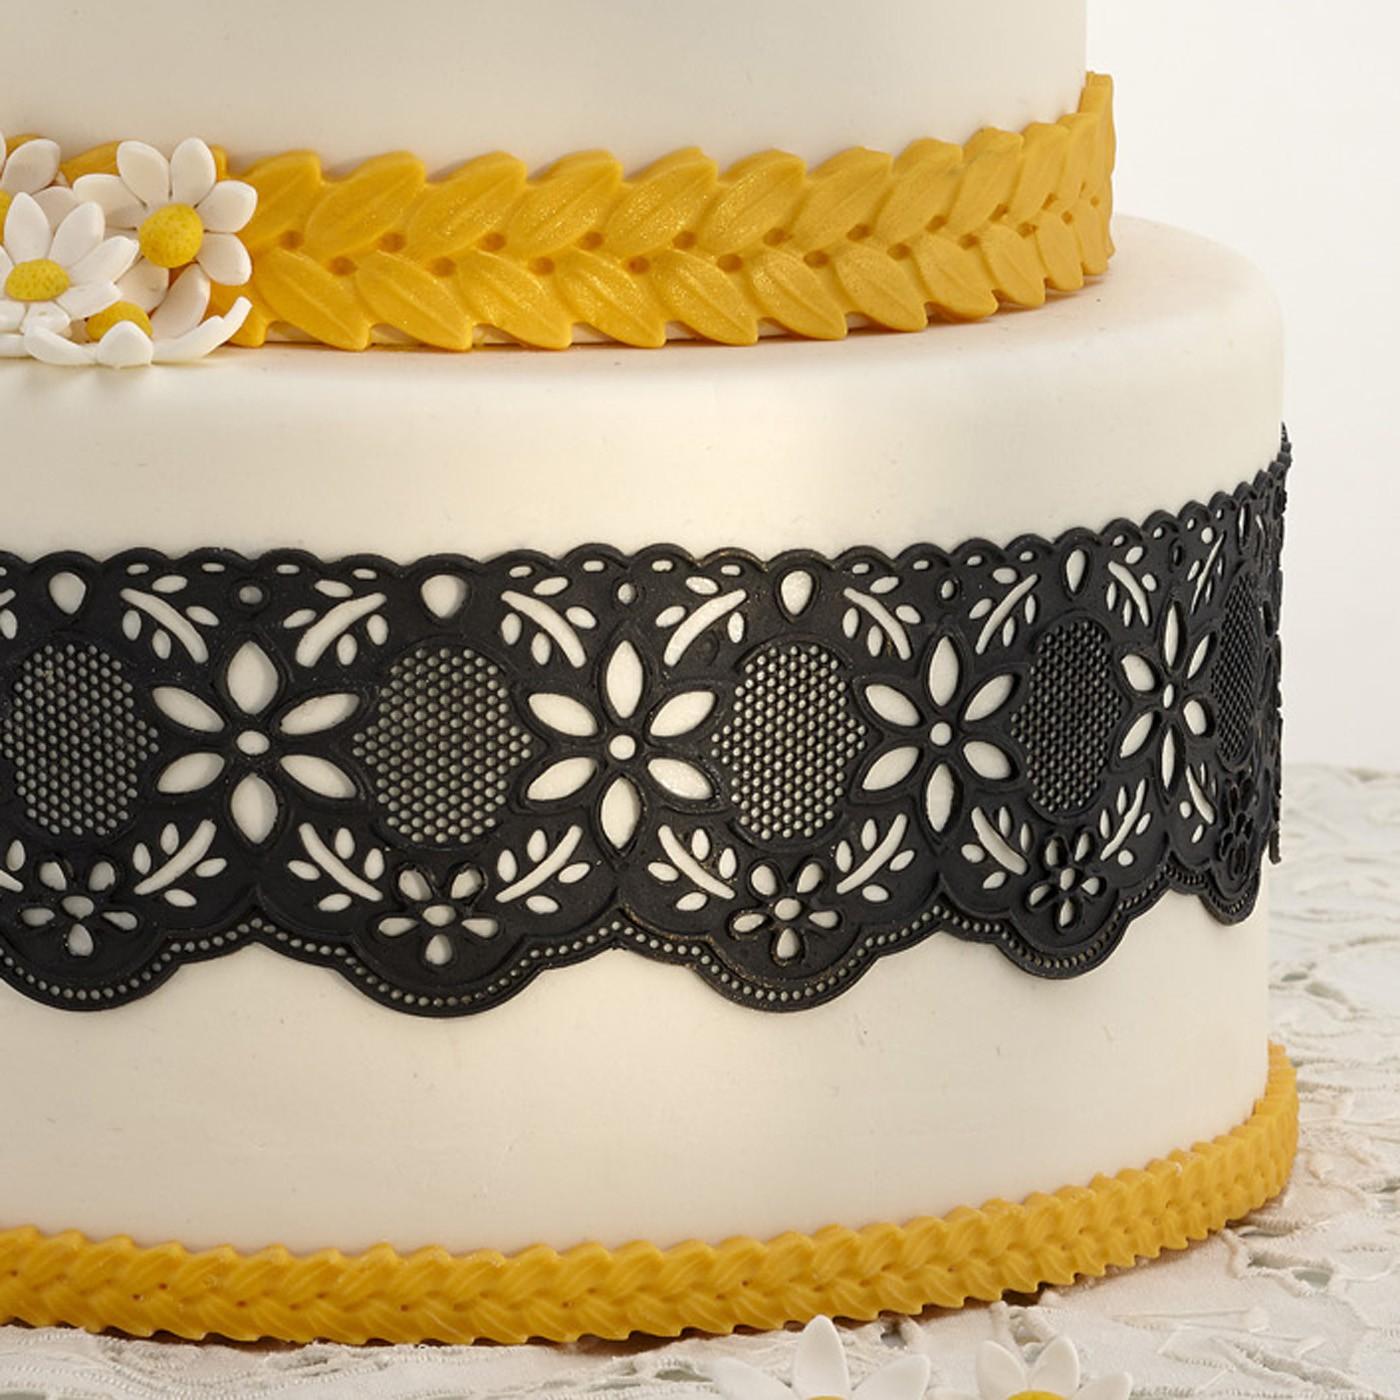 Tappetini e stencil for cake designer accessori per il - Accessori per cake design ...